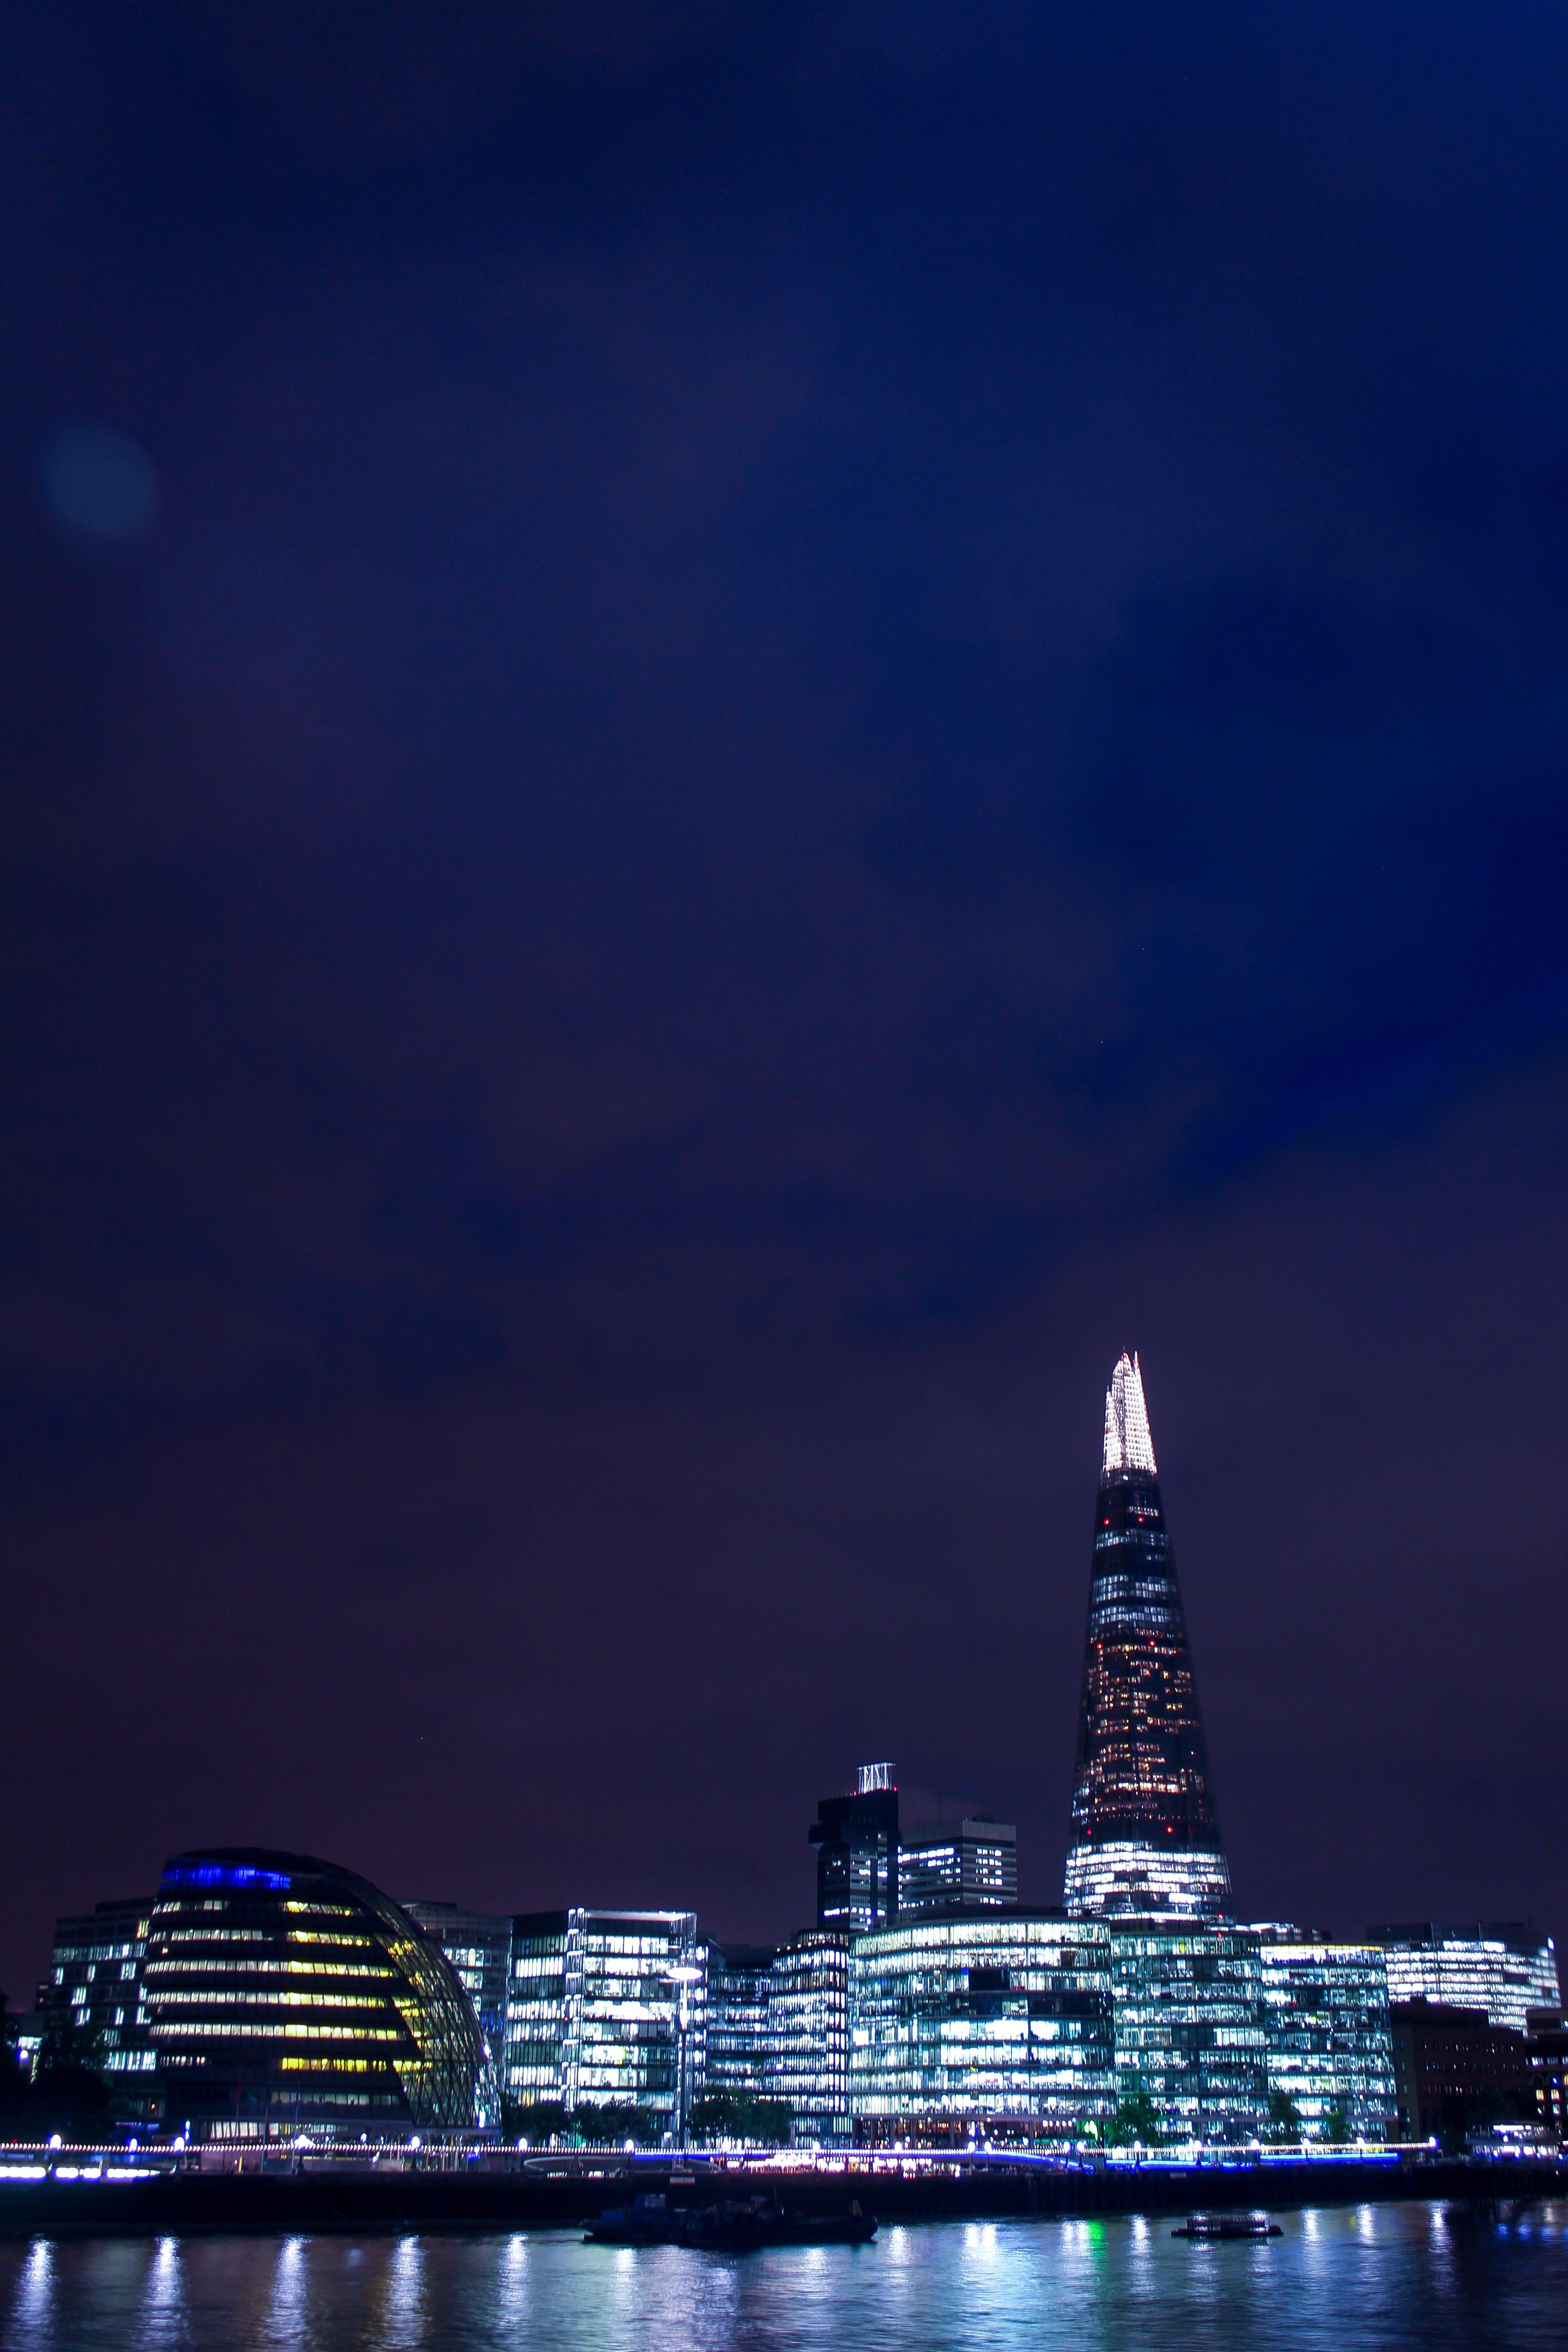 Kostenloses Stock Foto zu stadt, beleuchtung, nacht, wasser